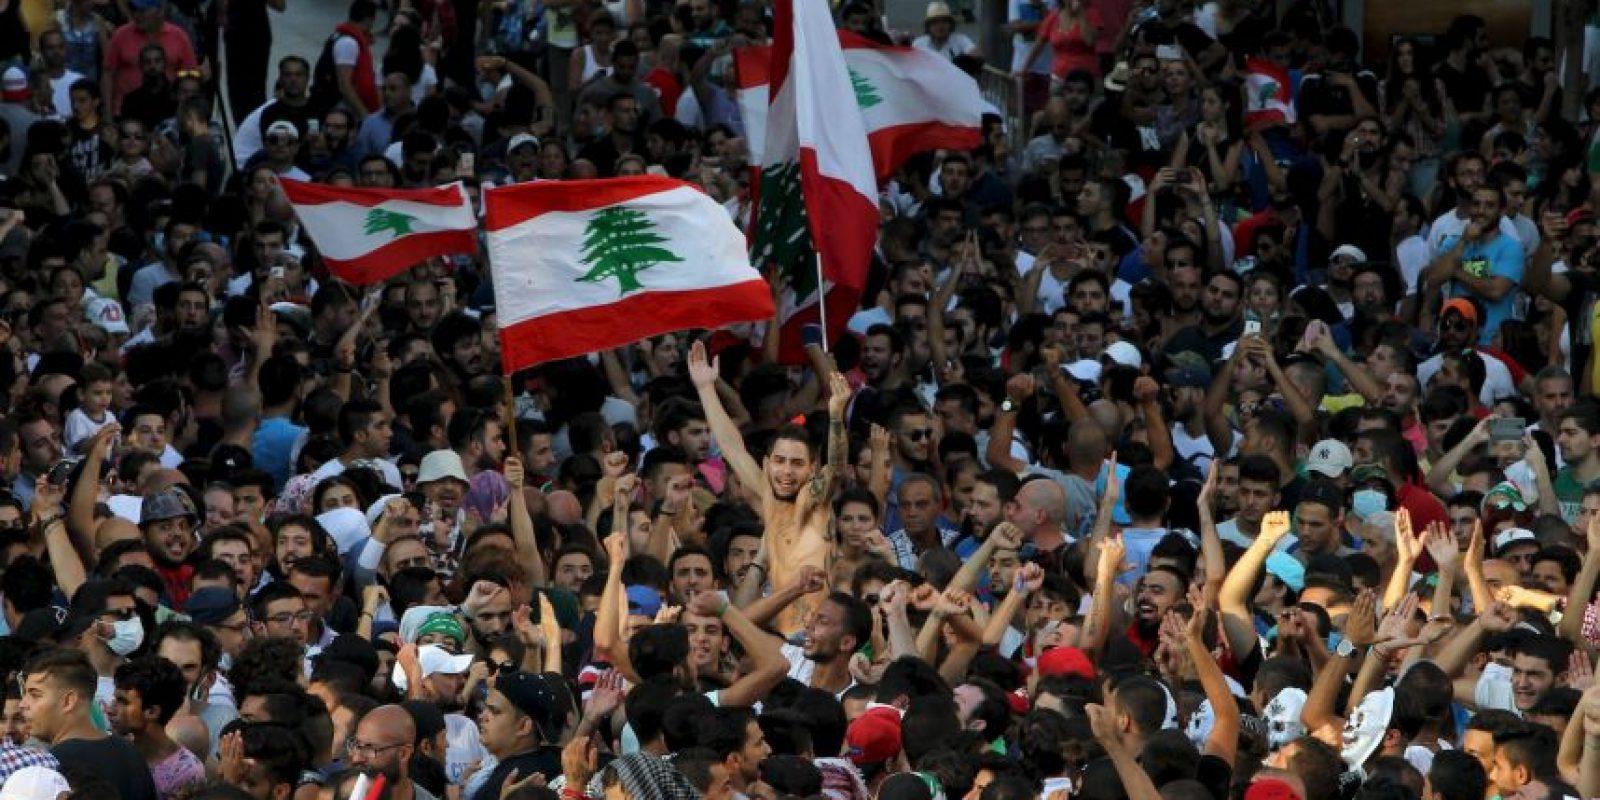 Miles de manifestantes se congregaron en el centro de Beirut Foto:AFP